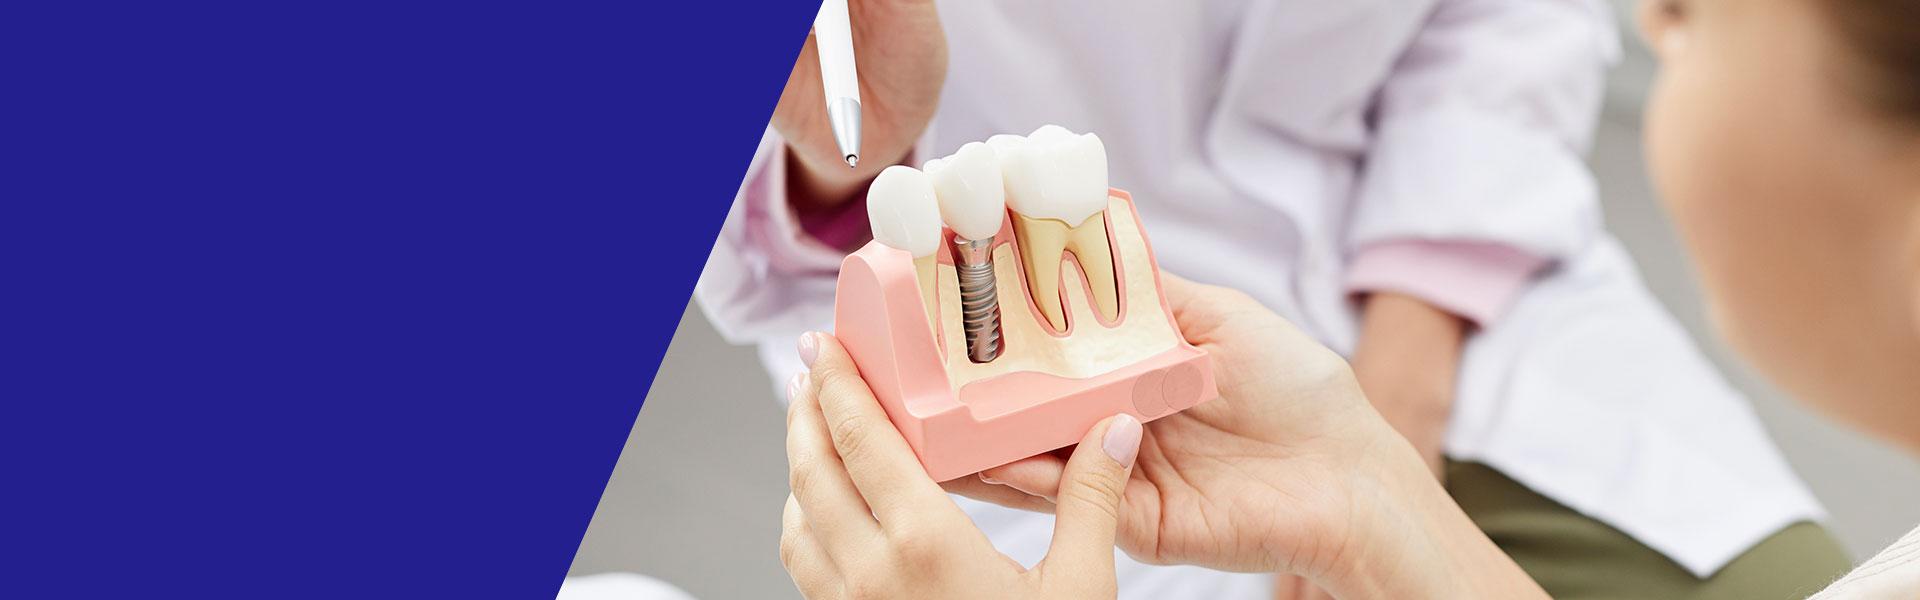 植牙補骨粉會痛嗎?專業醫師告訴您植牙補骨的原因和原理